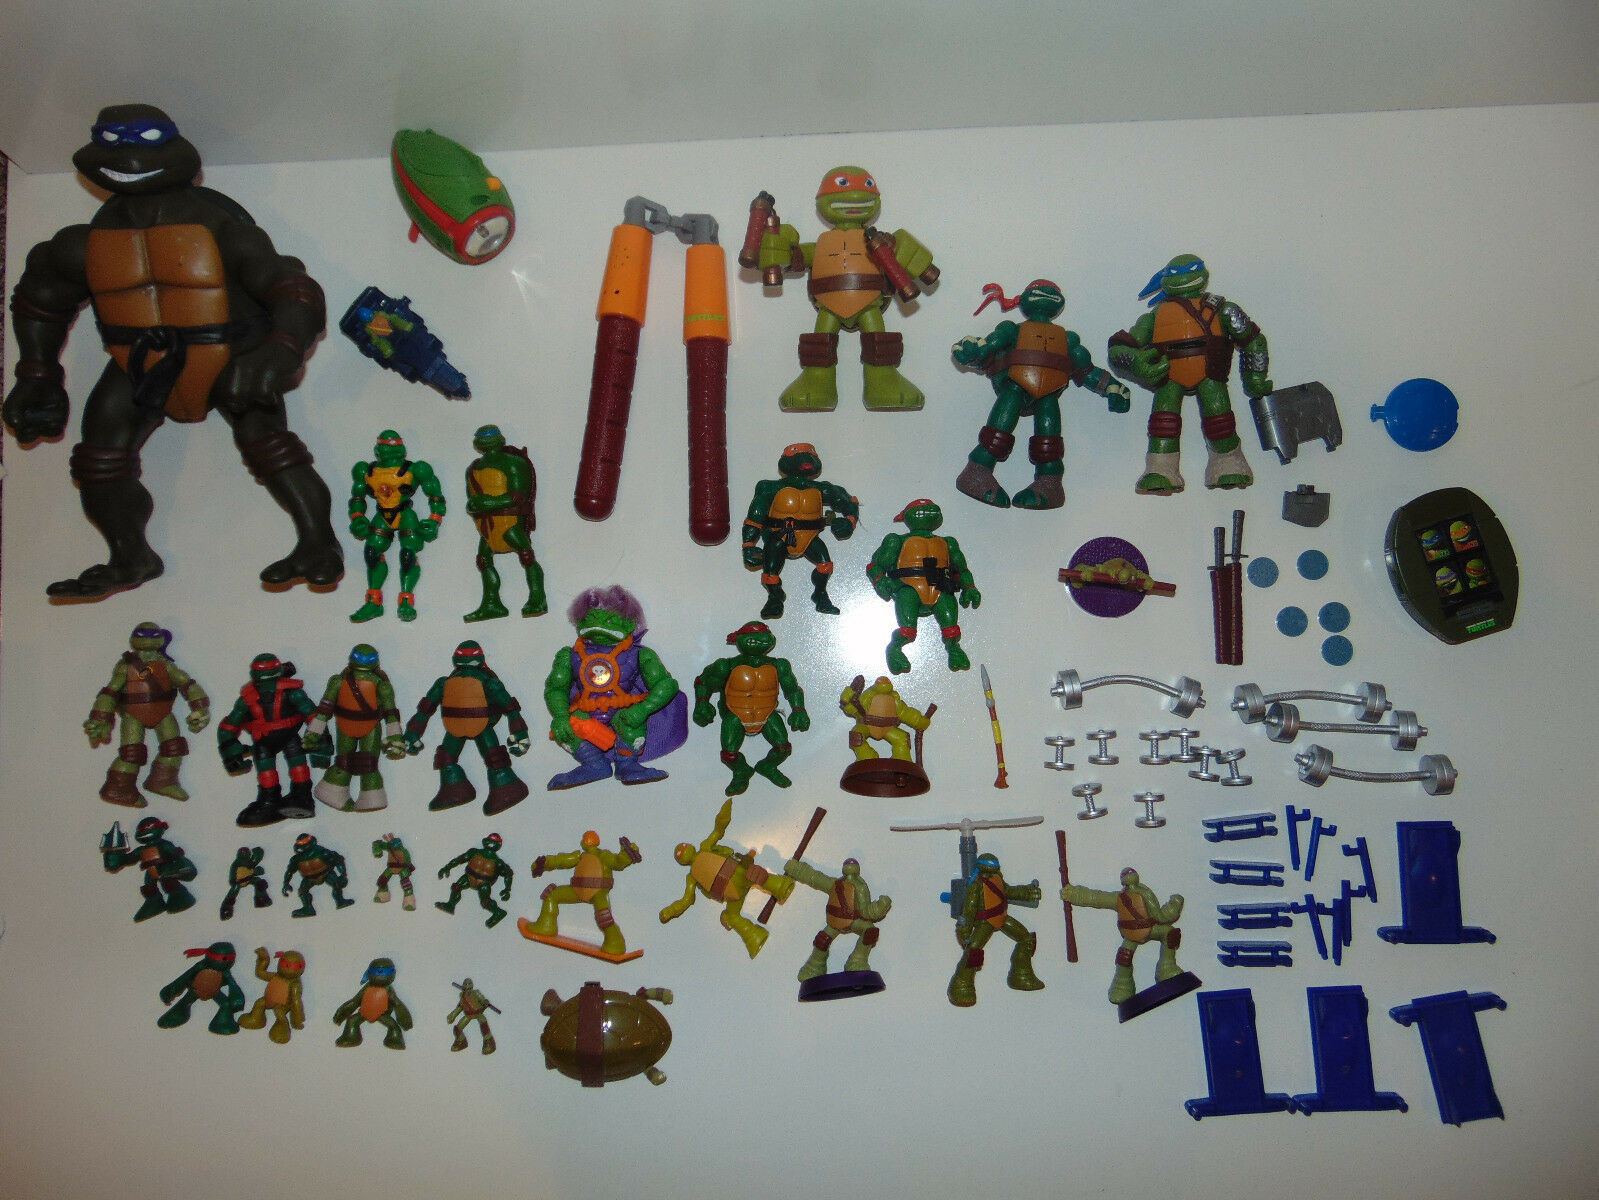 HUGE Vintage TMNT LARGE & Mini FIGURES Teenage Mutant Ninja Turtles Lot Barbells